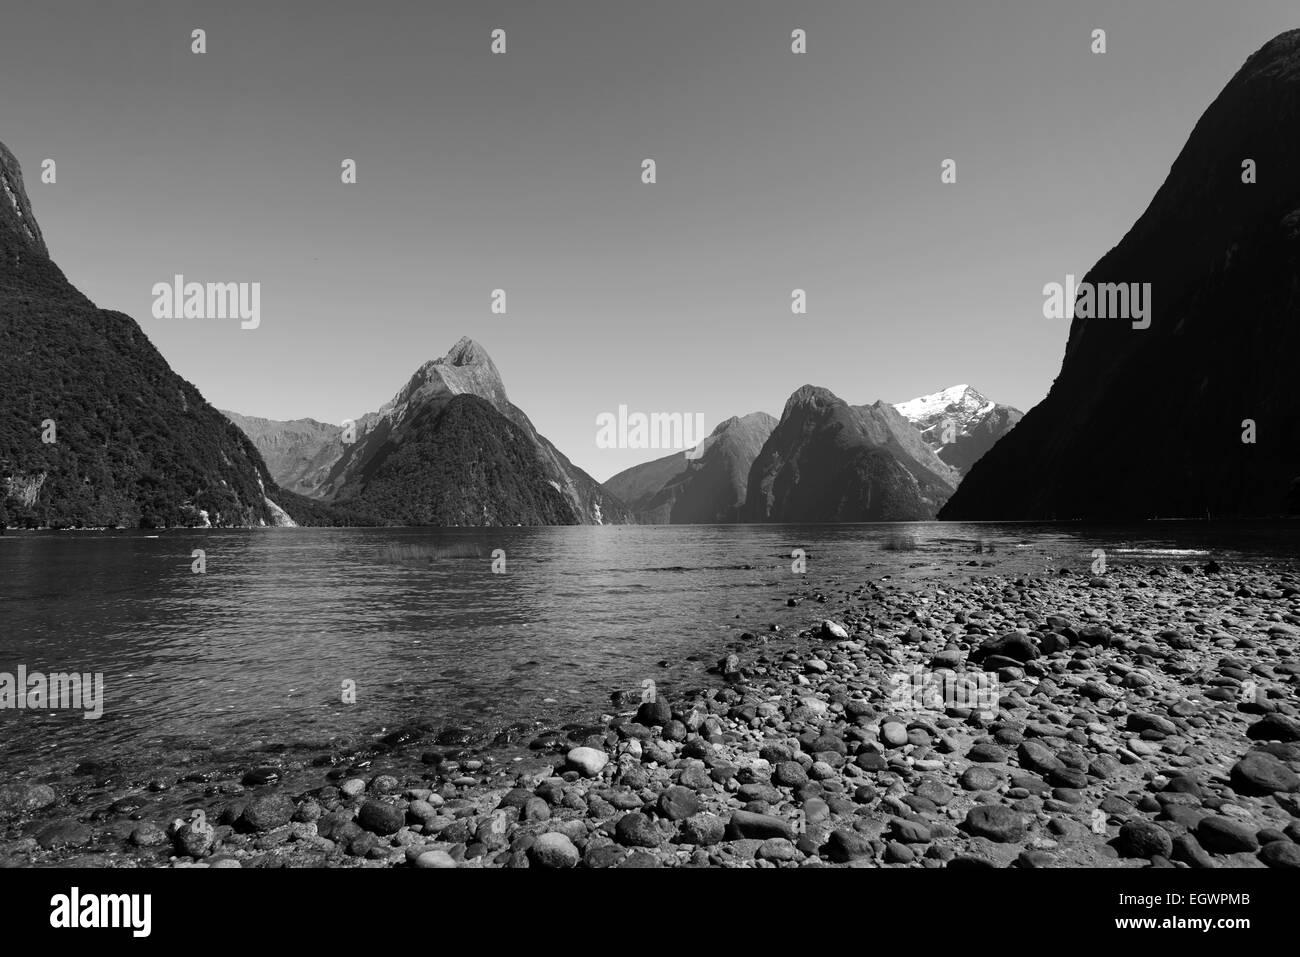 Milford Sound, Fiordland, île du Sud, Nouvelle-Zélande Banque D'Images